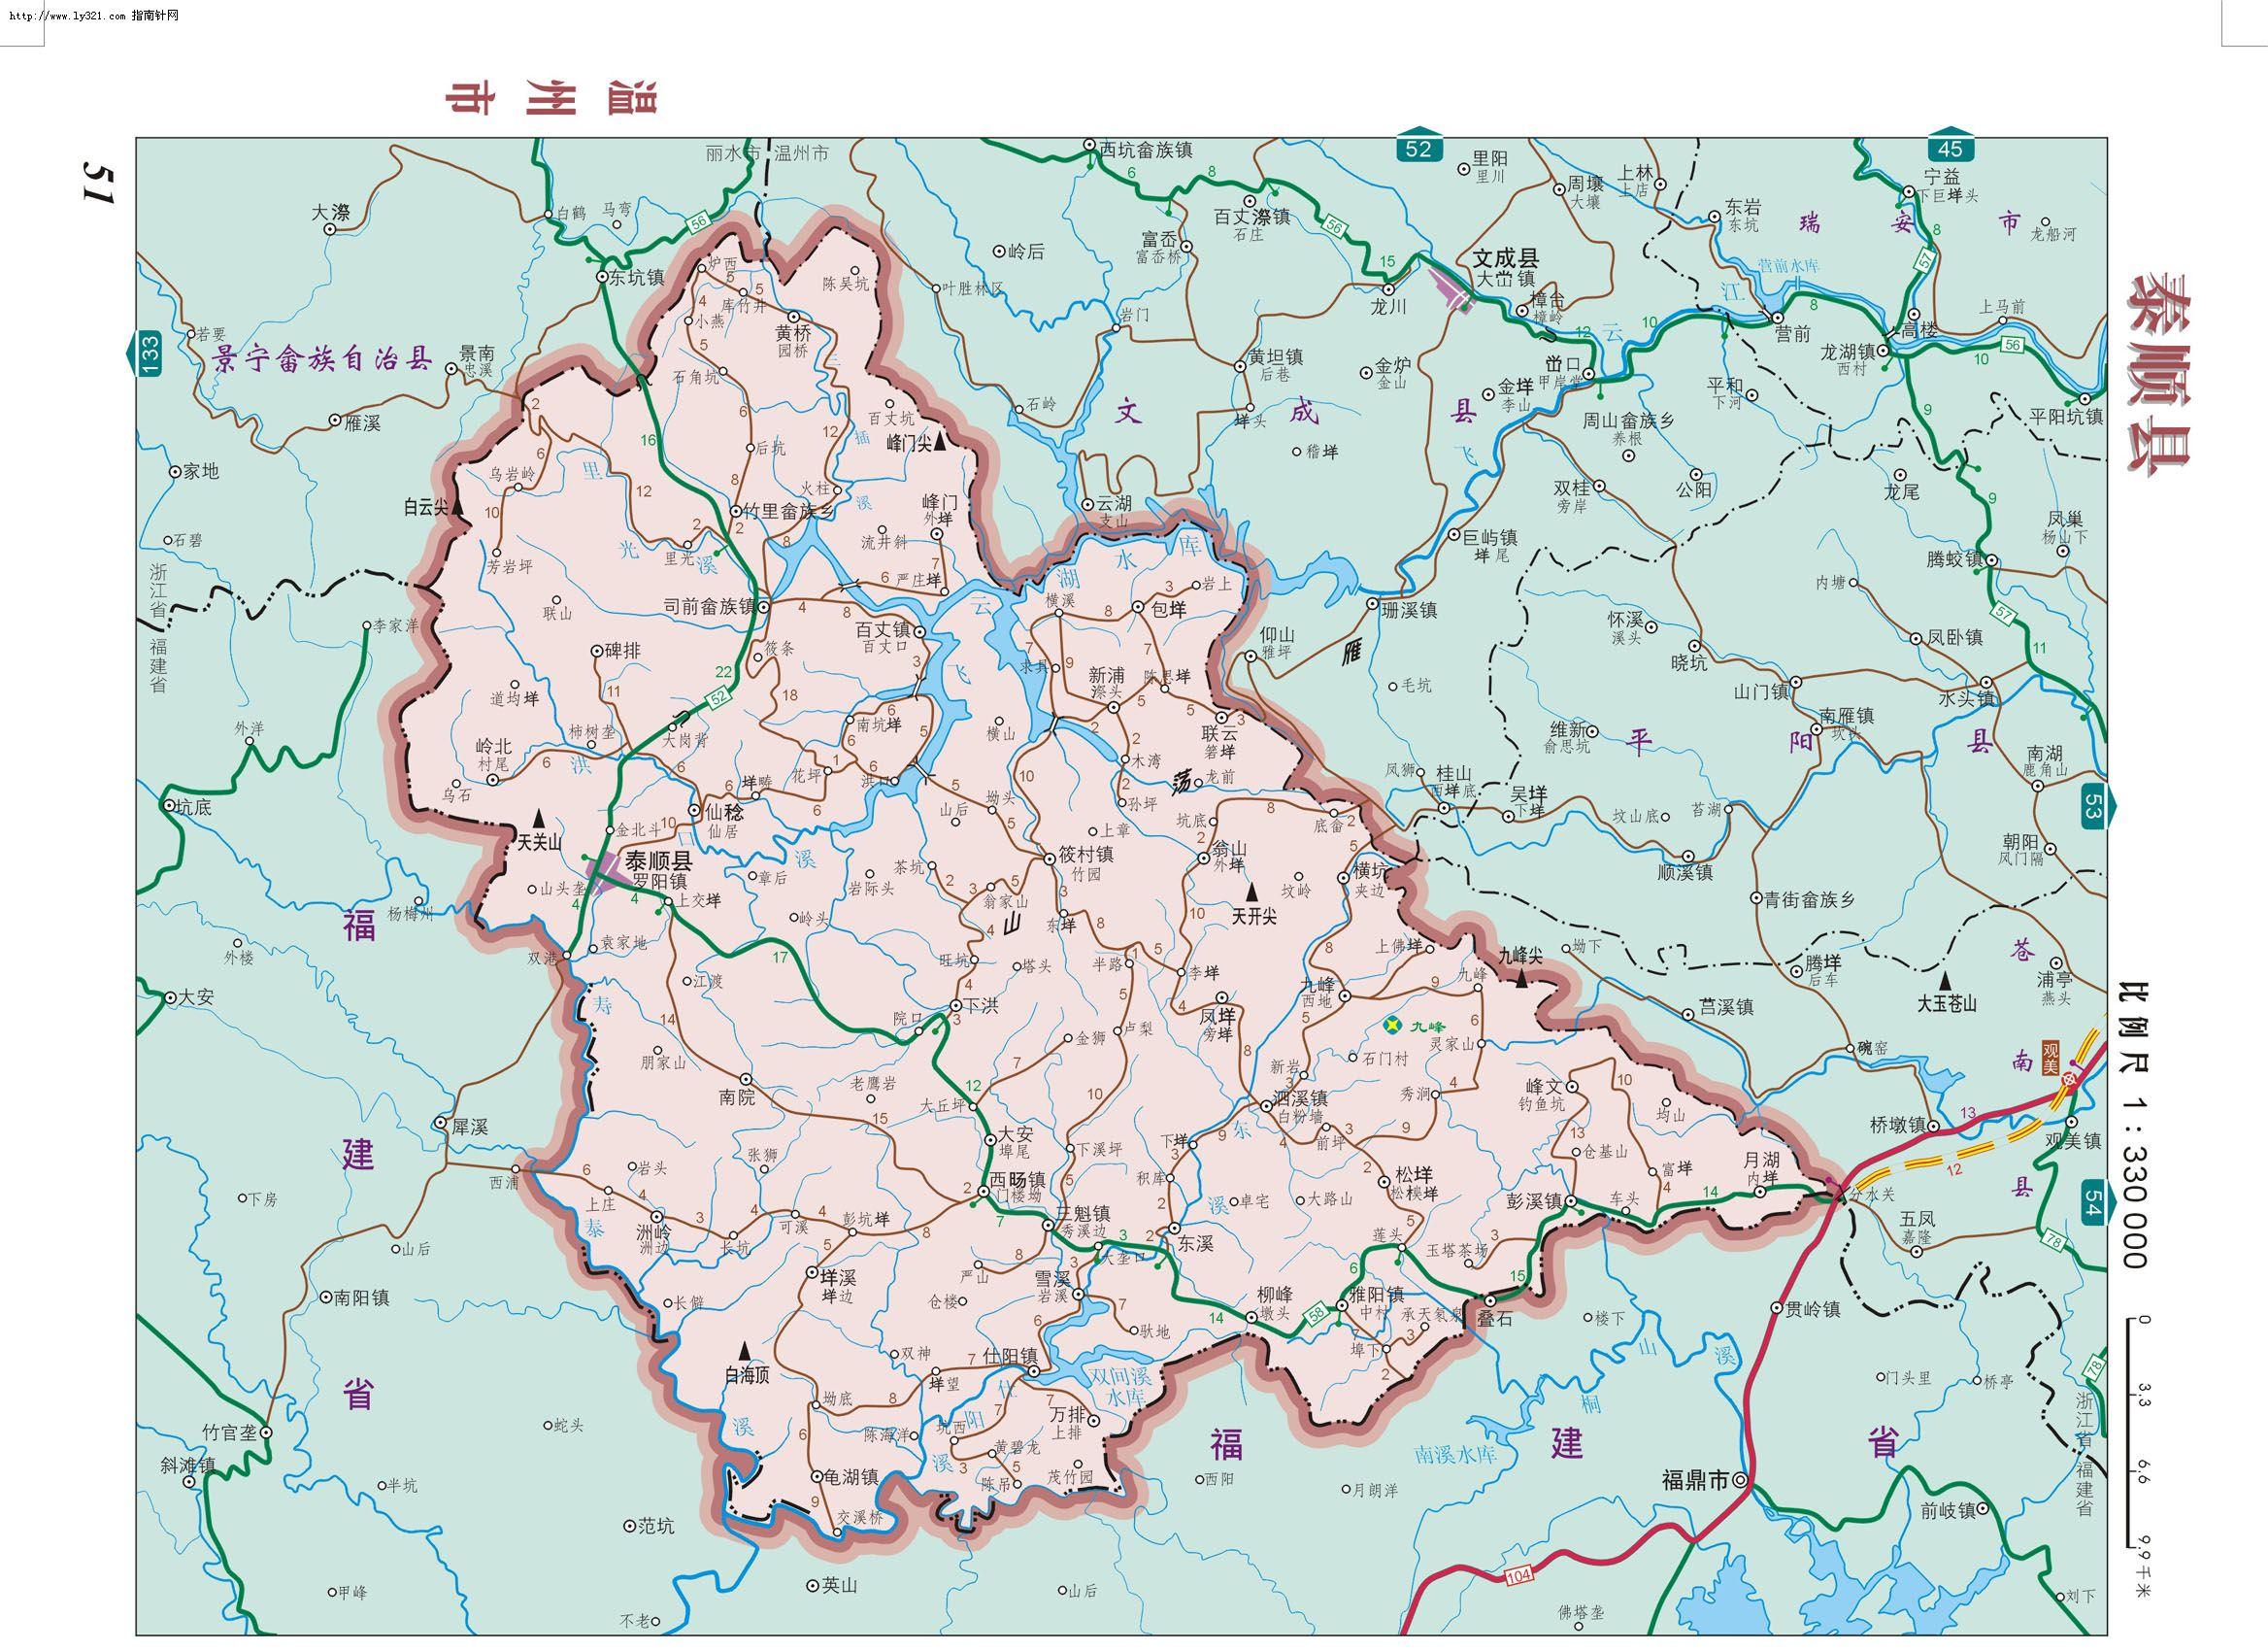 温州泰顺县交通公路图_温州市地图查询